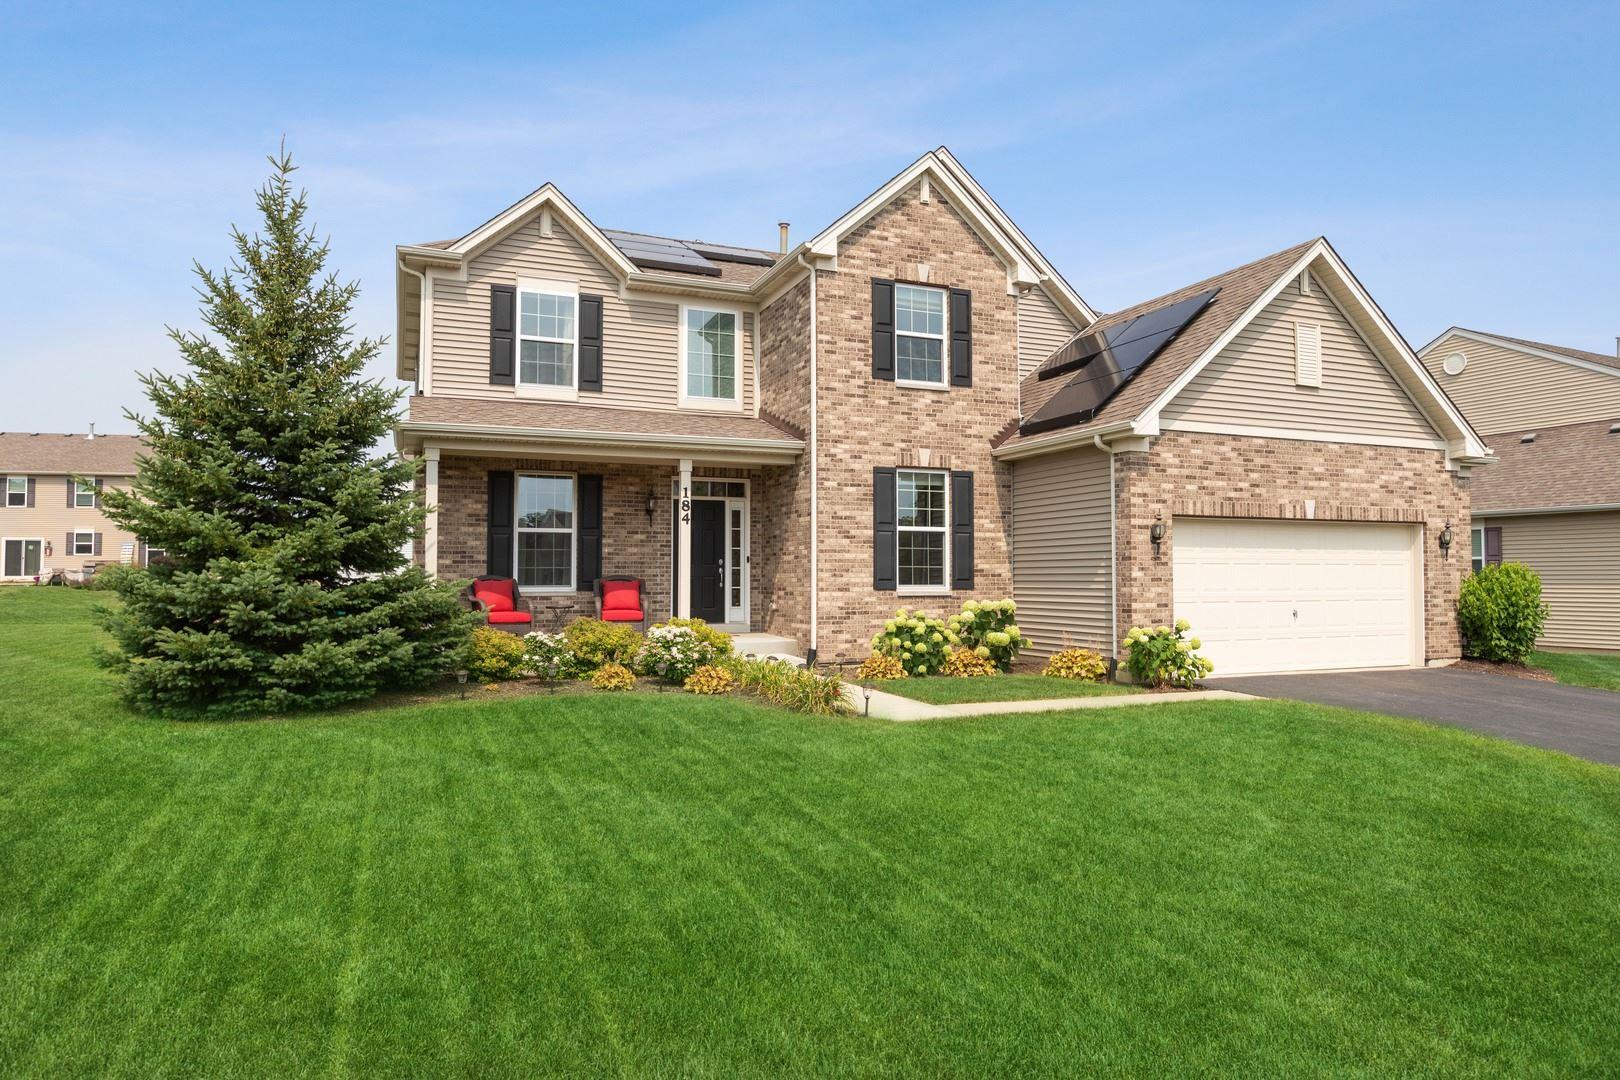 184 ASHTON Lane, Crystal Lake, IL 60014 - #: 11161360